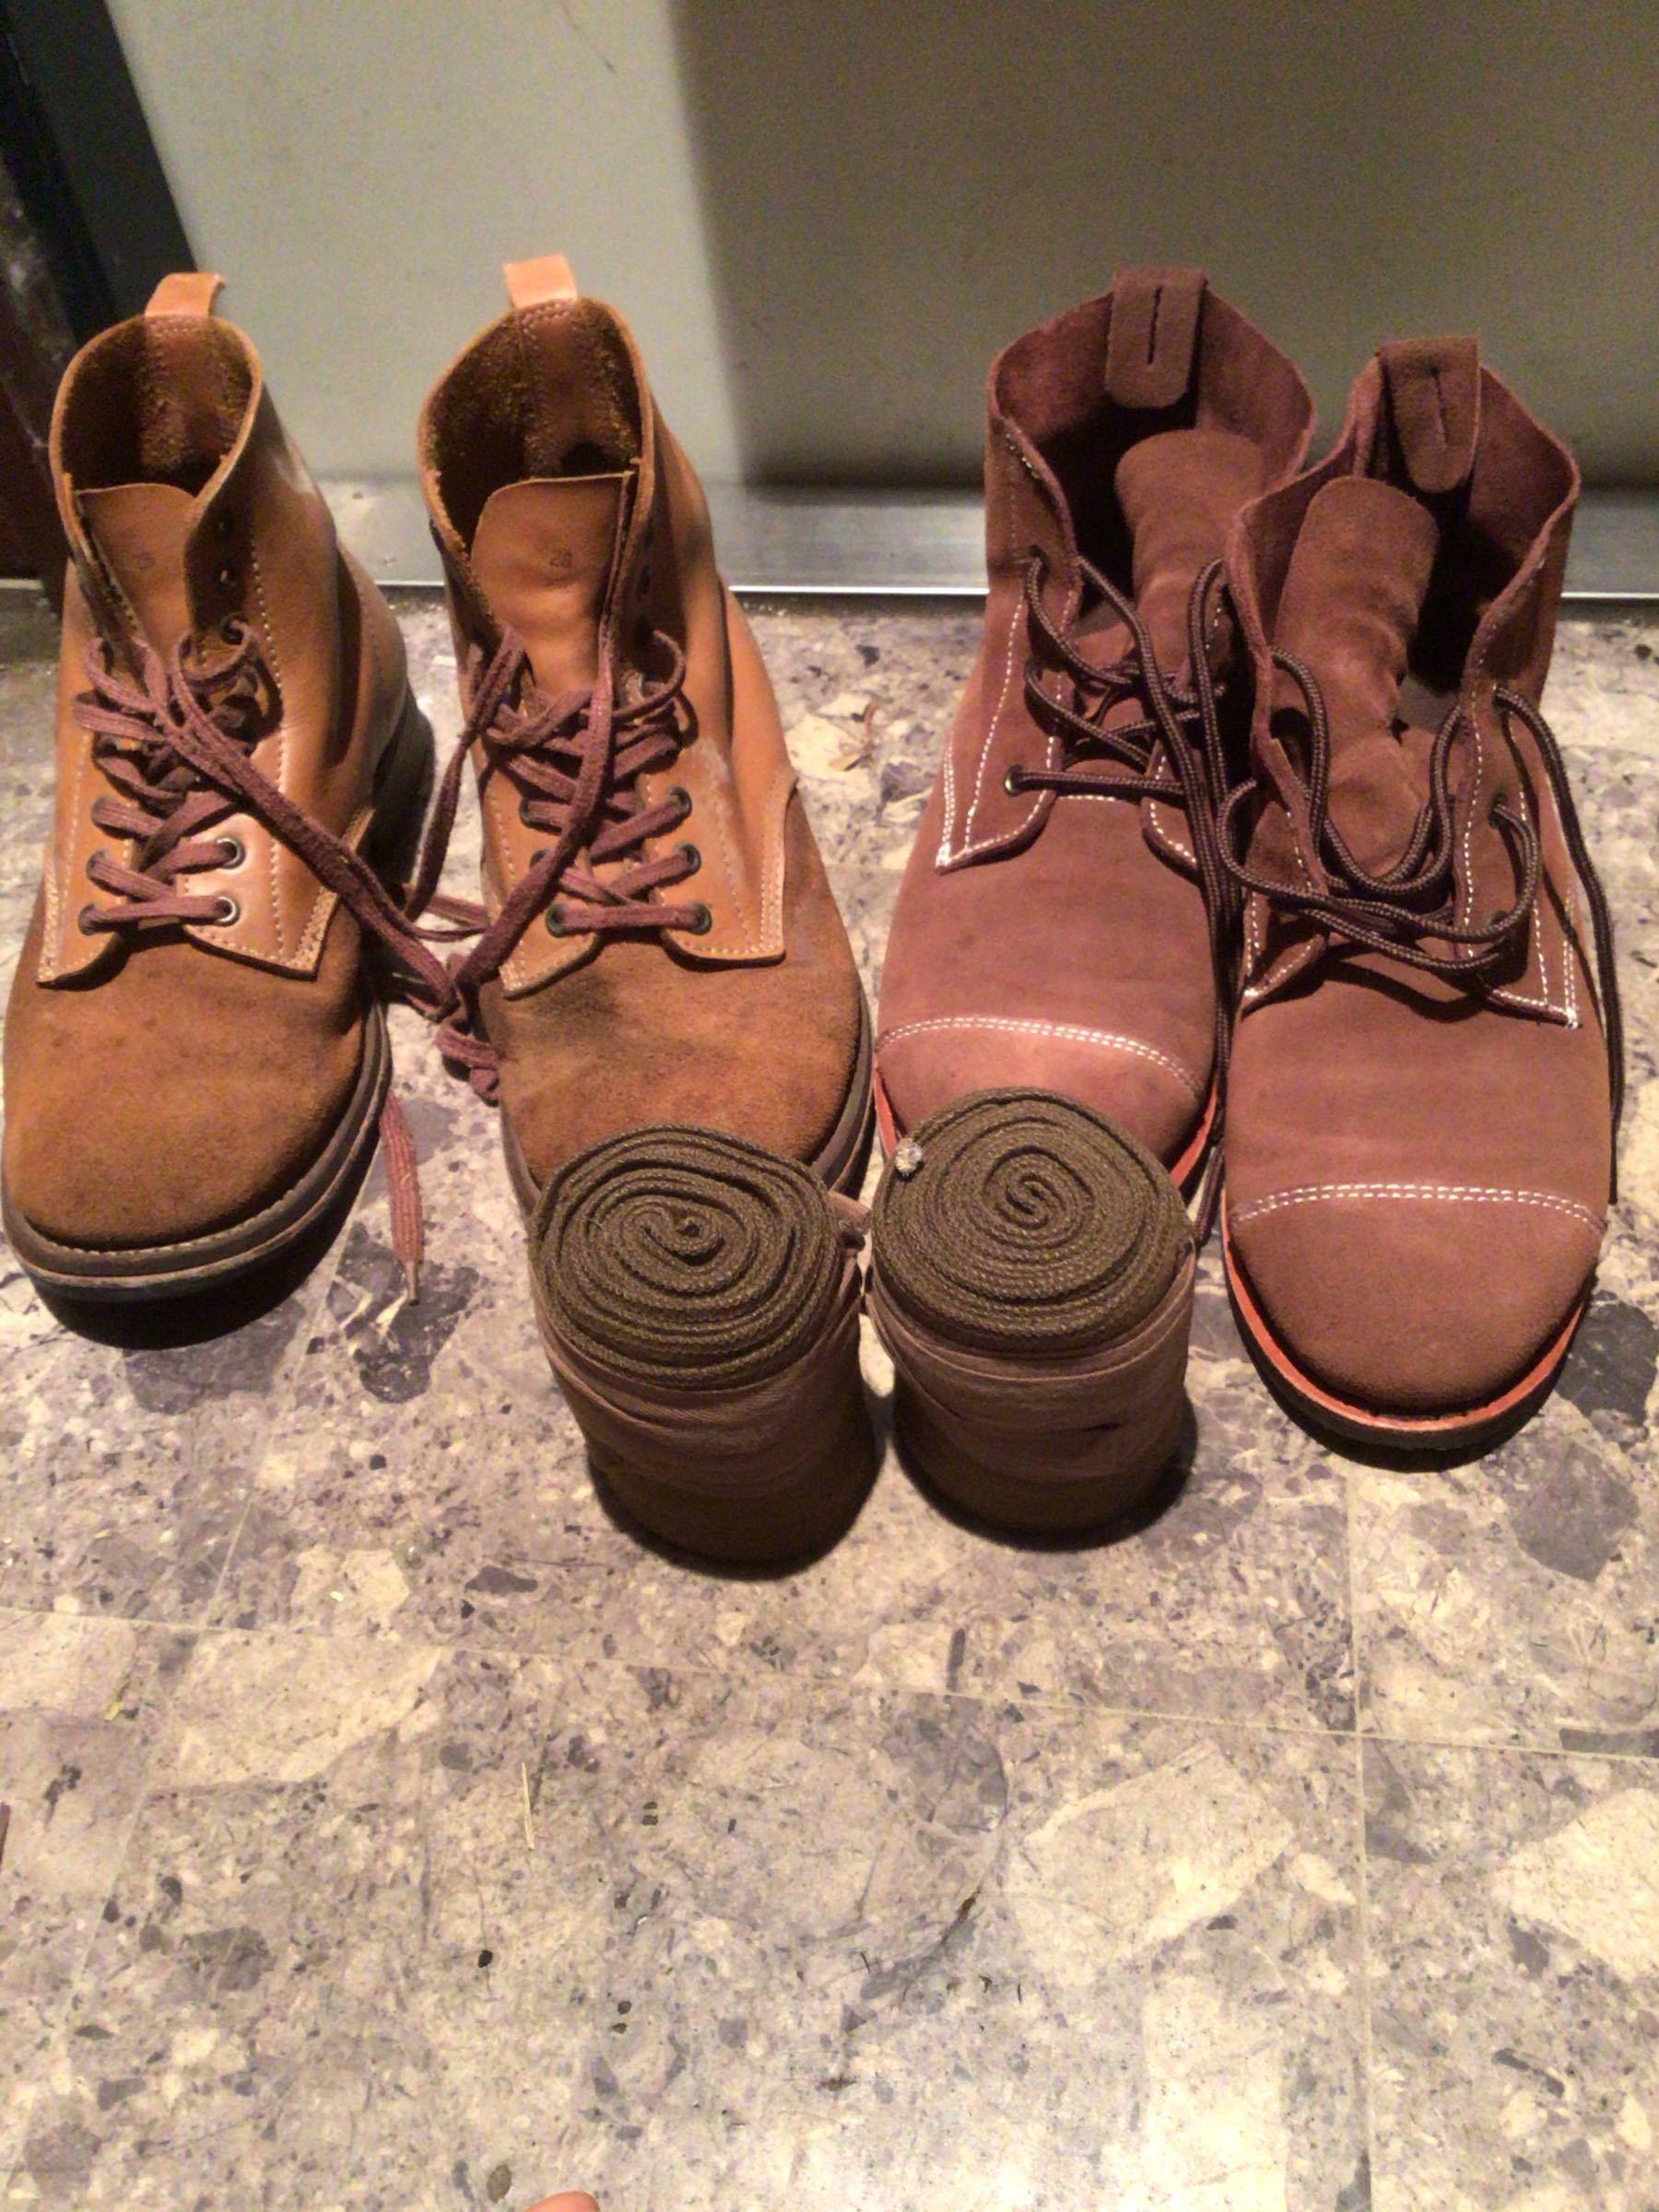 パンダ王国2nd サバゲに憧れる人間に我が軍のフットギアを見せてやろう。 左側は10年近く前に買った旧式。硬くて重く靴